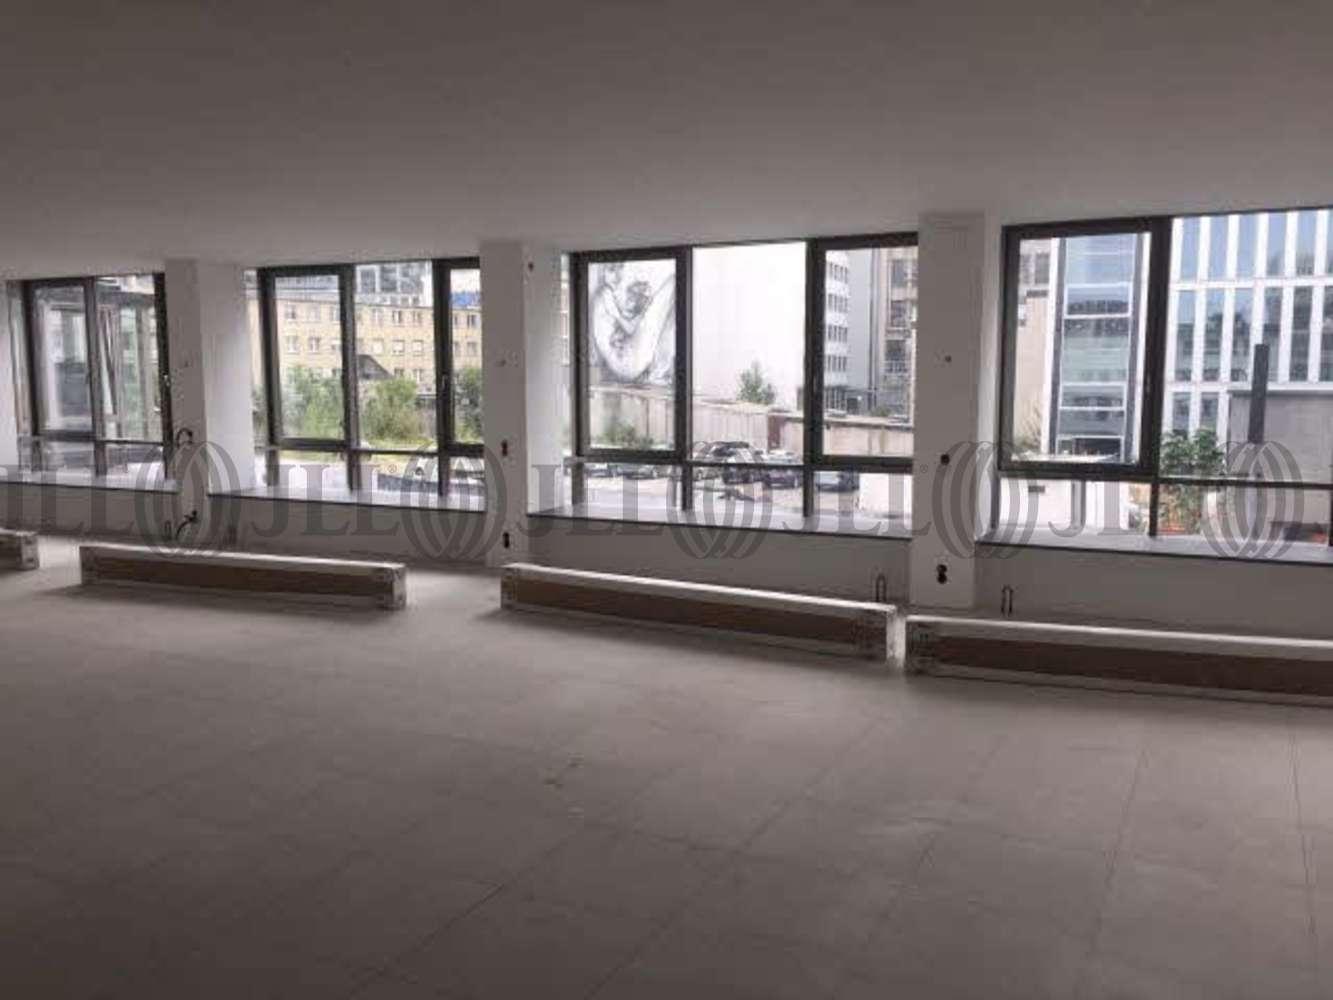 Büros Frankfurt am main, 60313 - Büro - Frankfurt am Main, Innenstadt - F2044 - 10348793